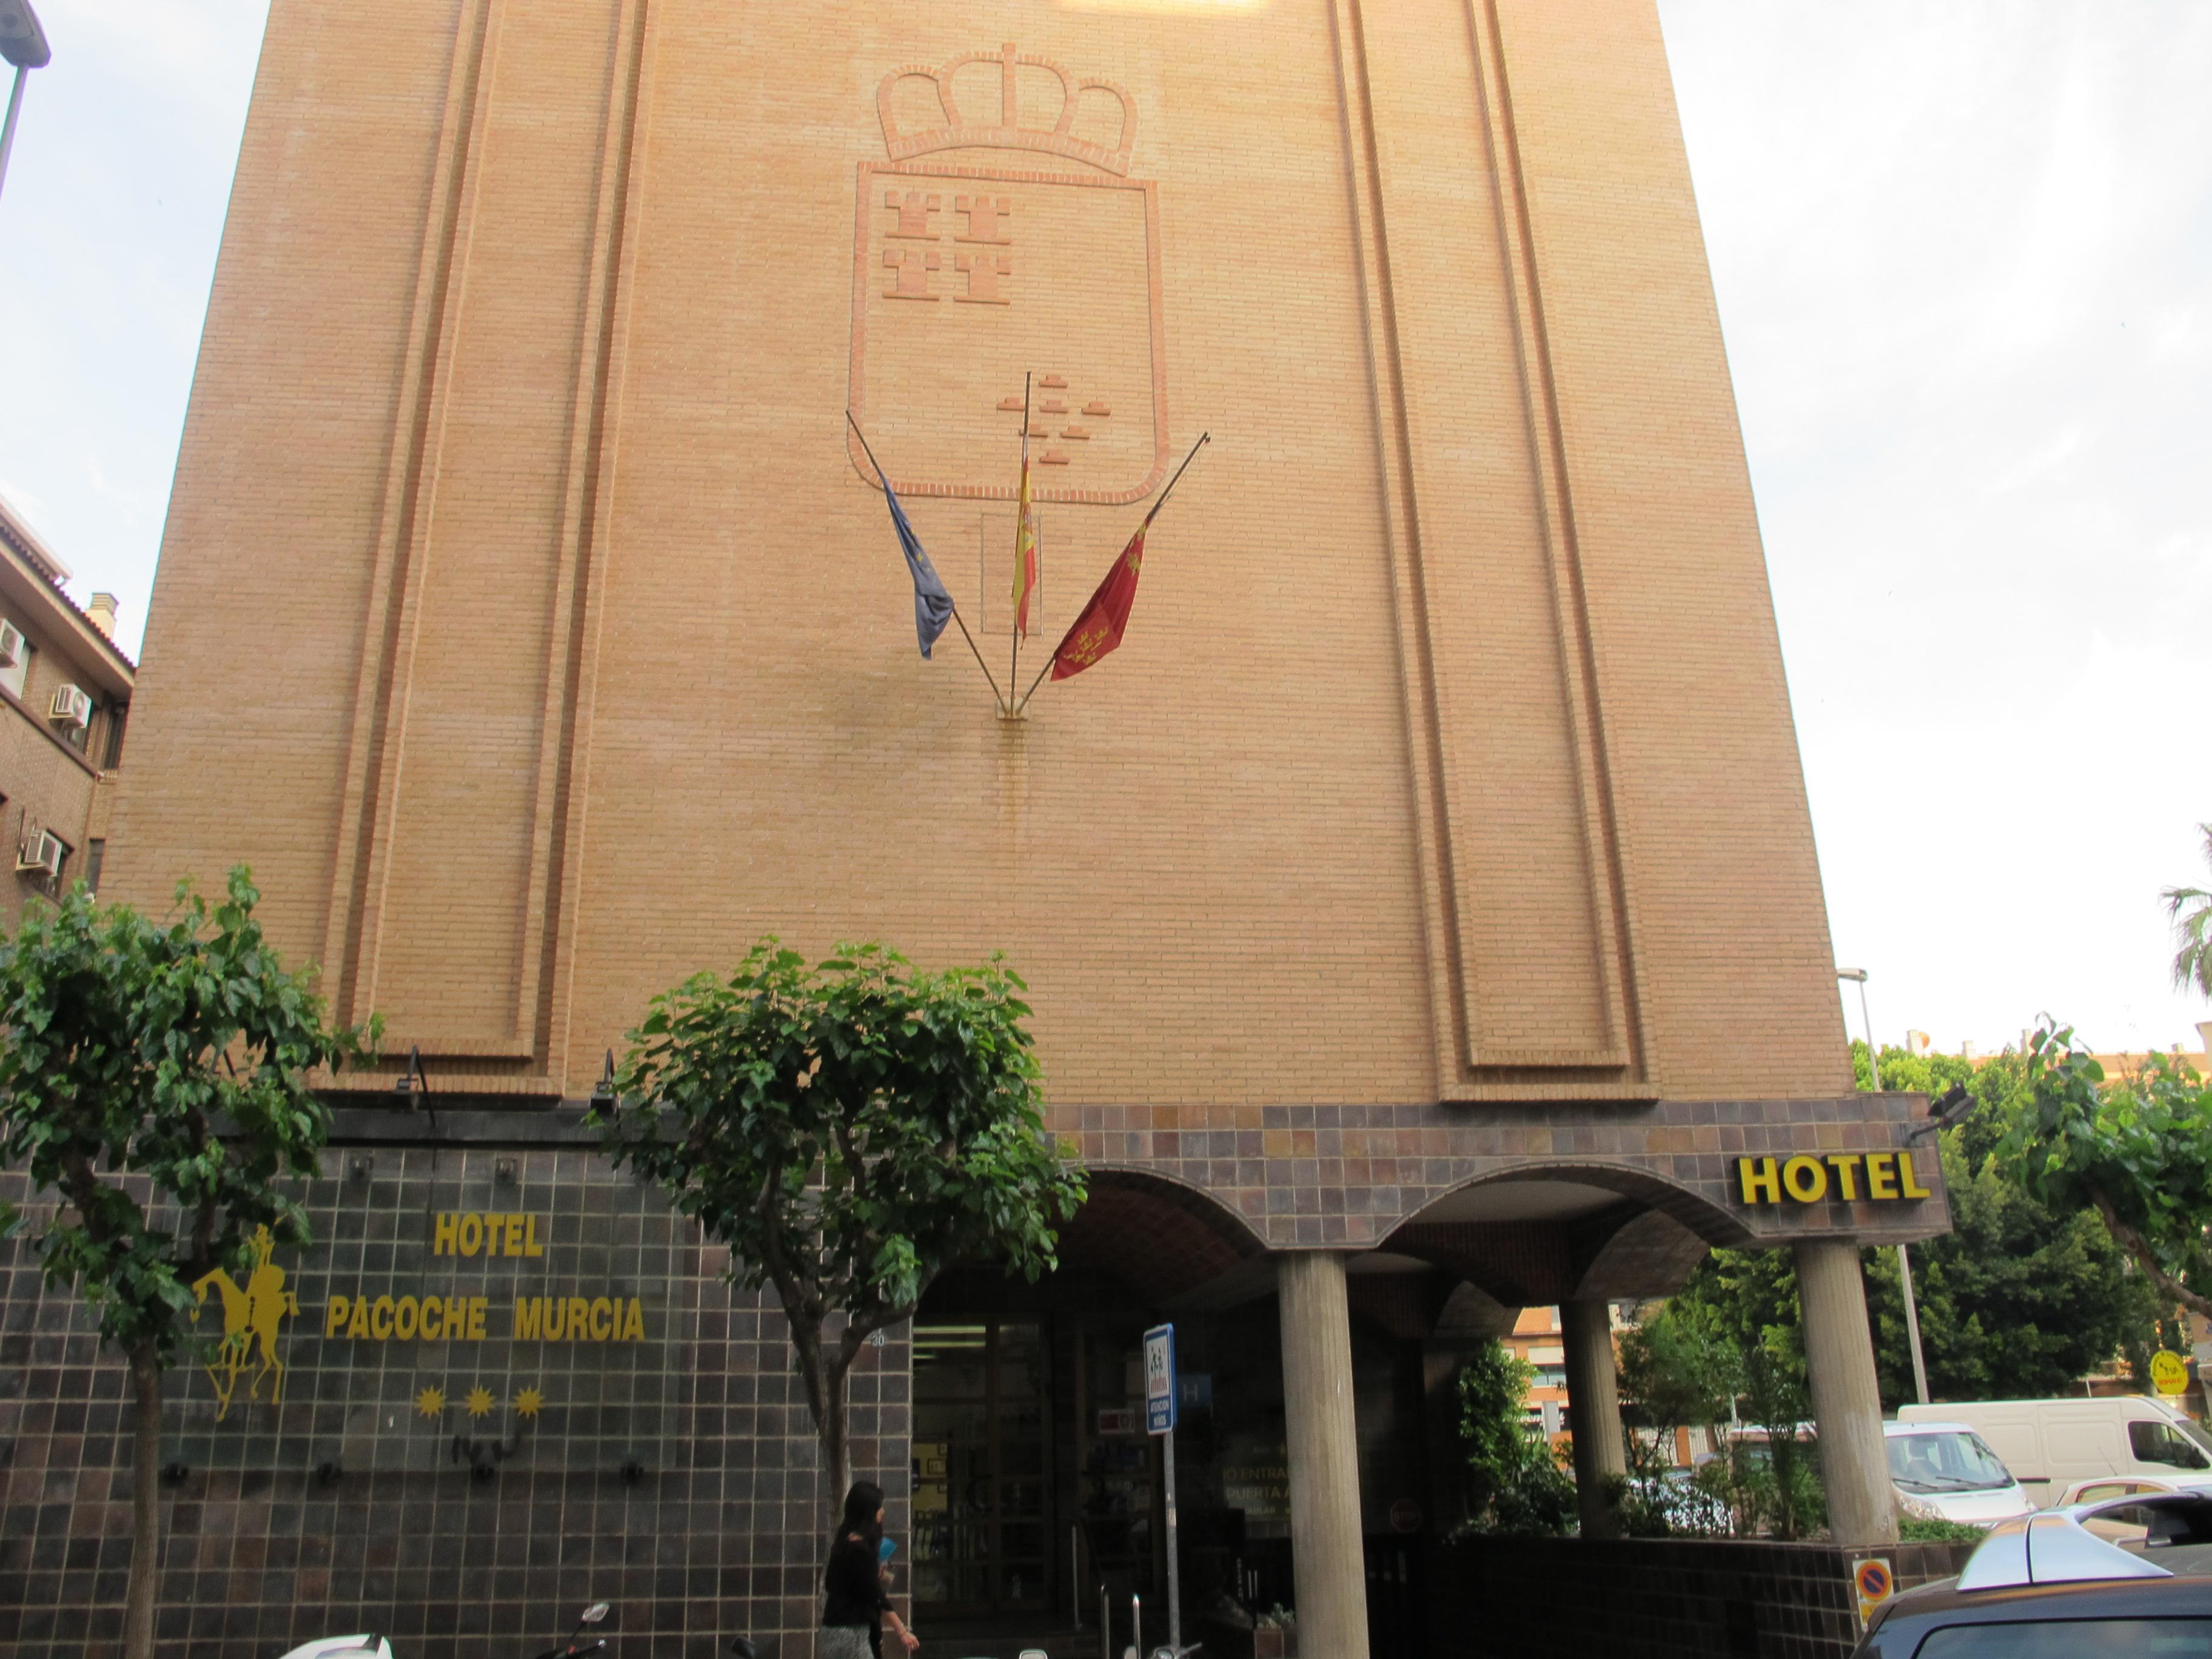 Hotel Pacoche en Murcia